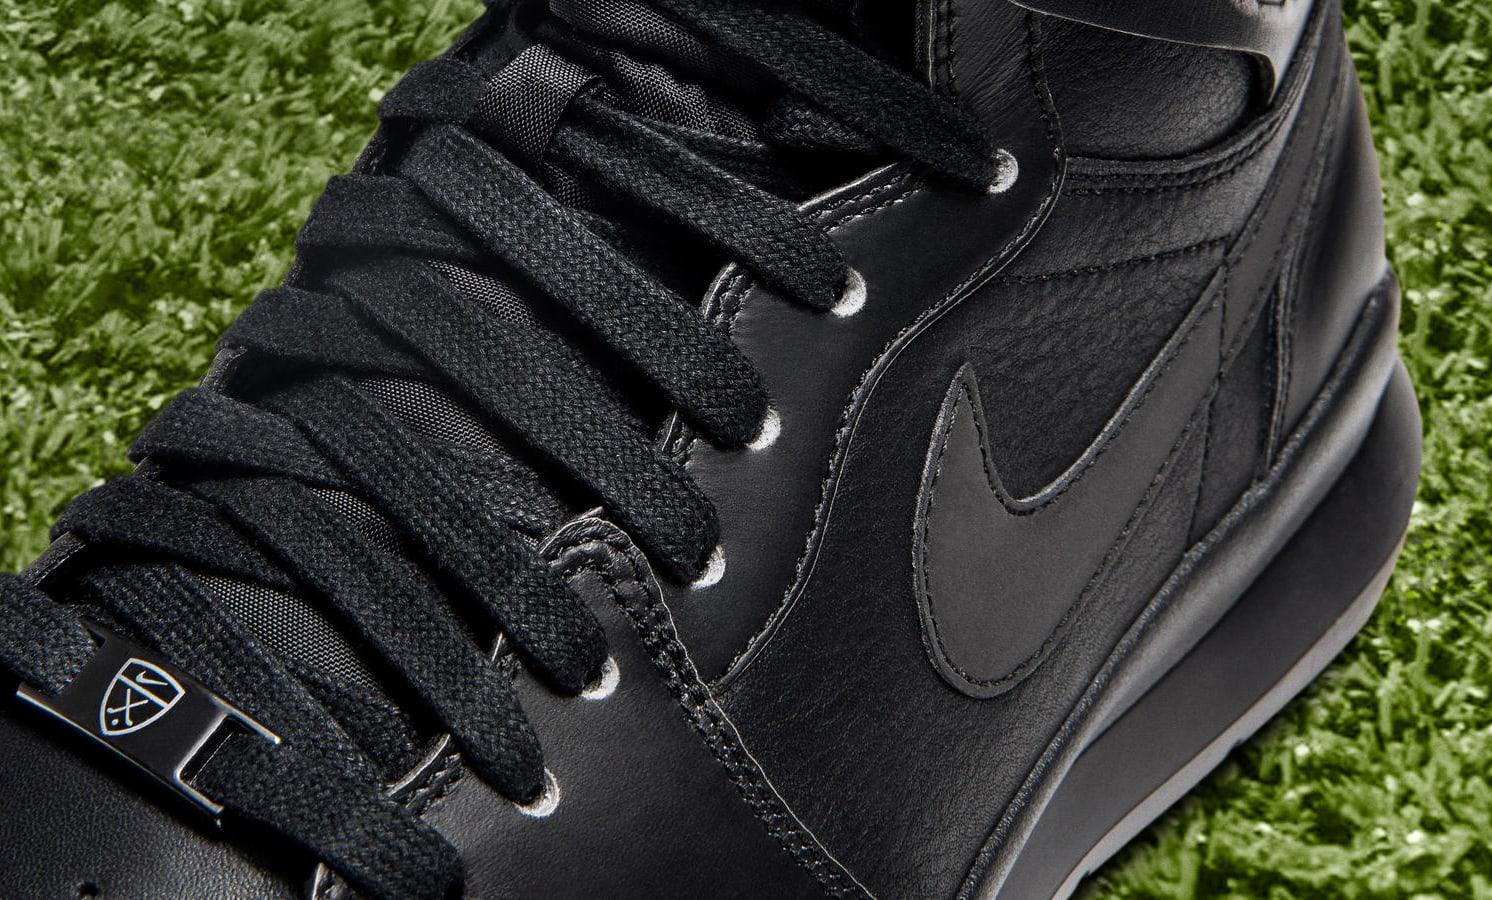 Air Jordan 1 Golf Black Detail